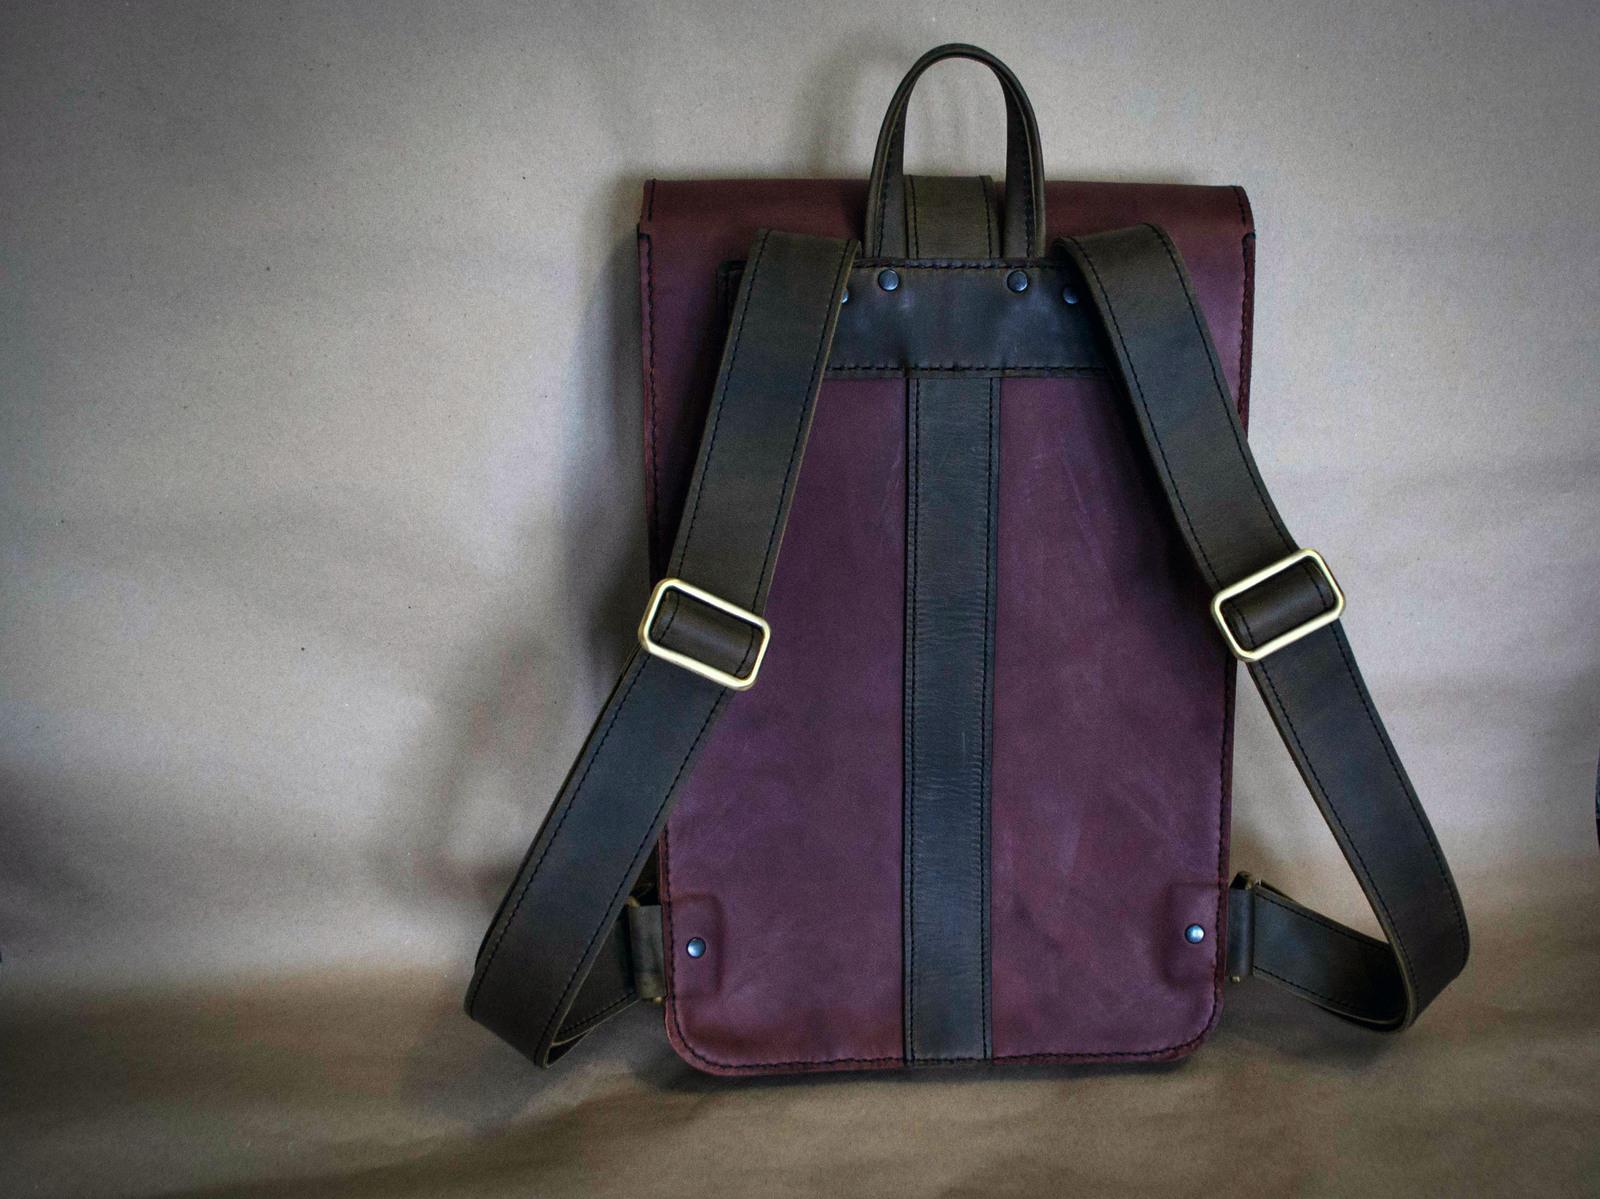 ab4d1f562609 Рюкзак для MacBook из кожи Своими руками, Кожа, Рюкзак, Хобби, Сумка,